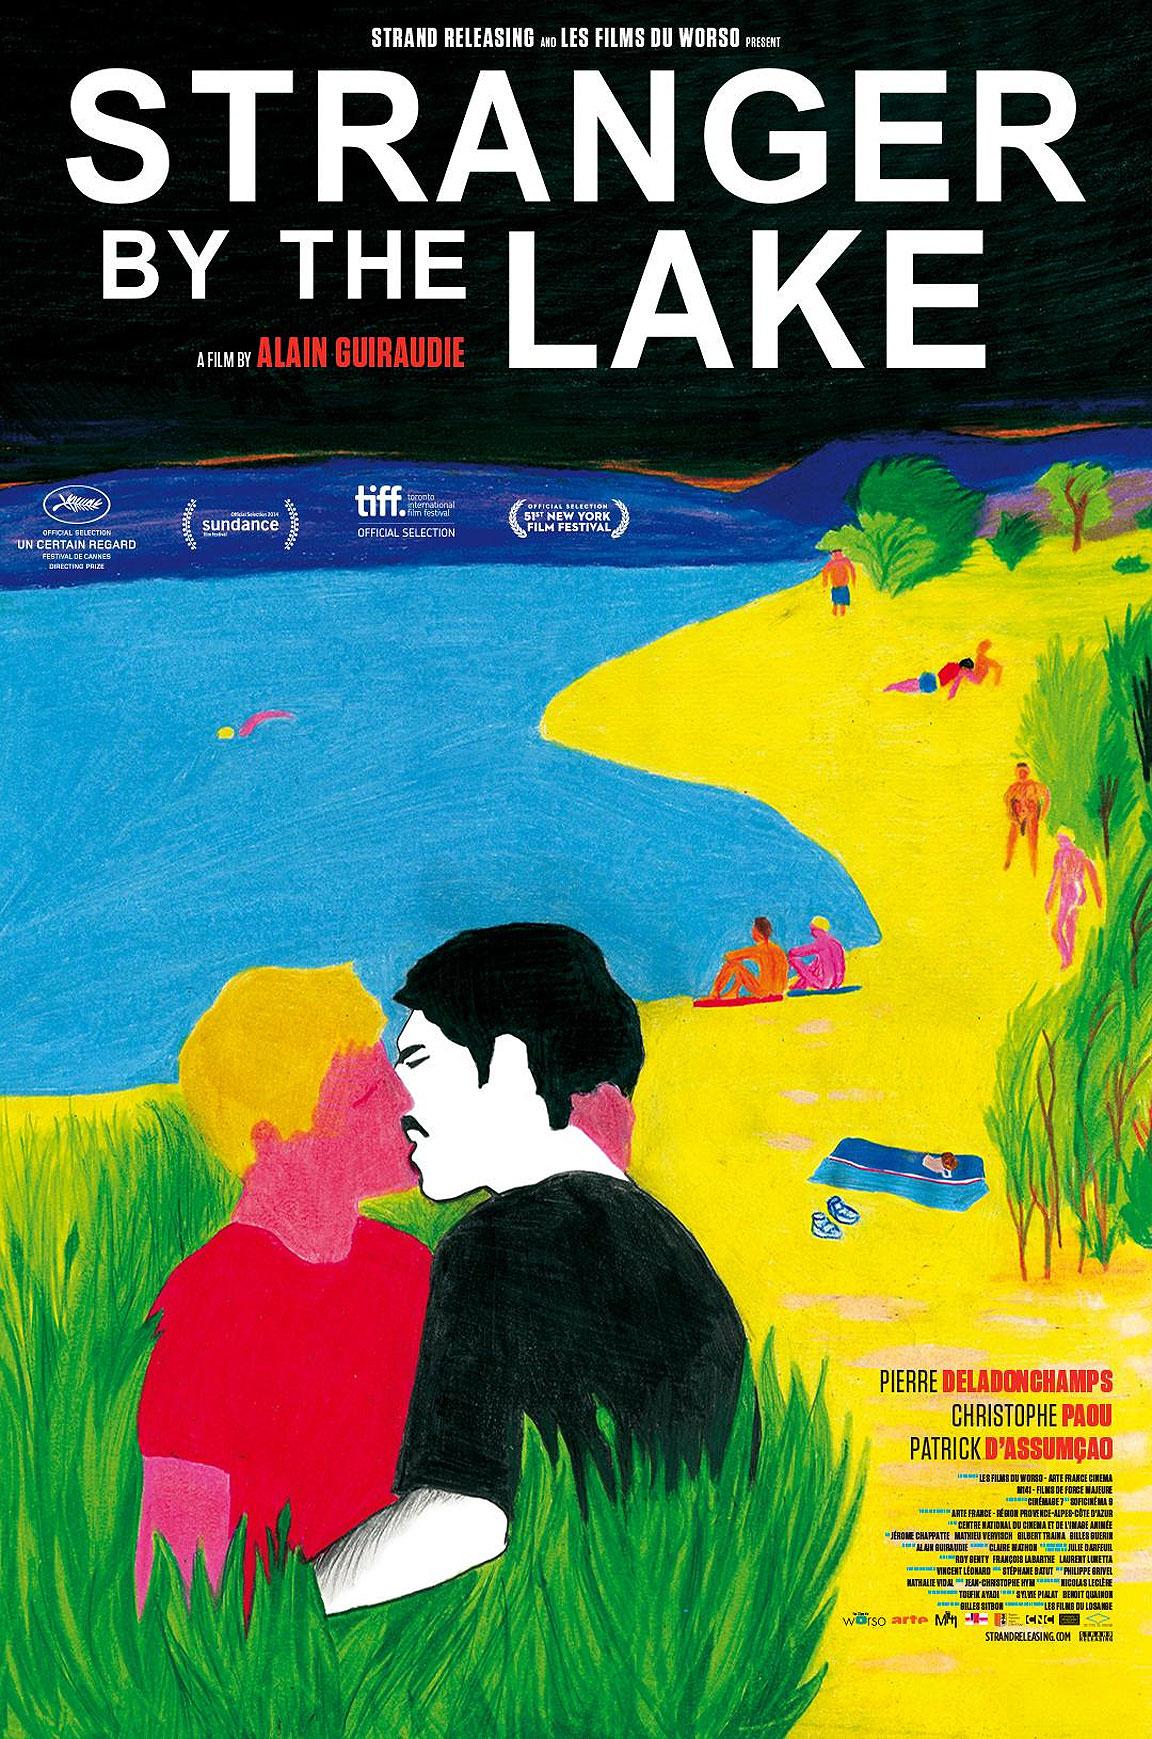 Stranger-By-The-Lake-movie-poster.jpg